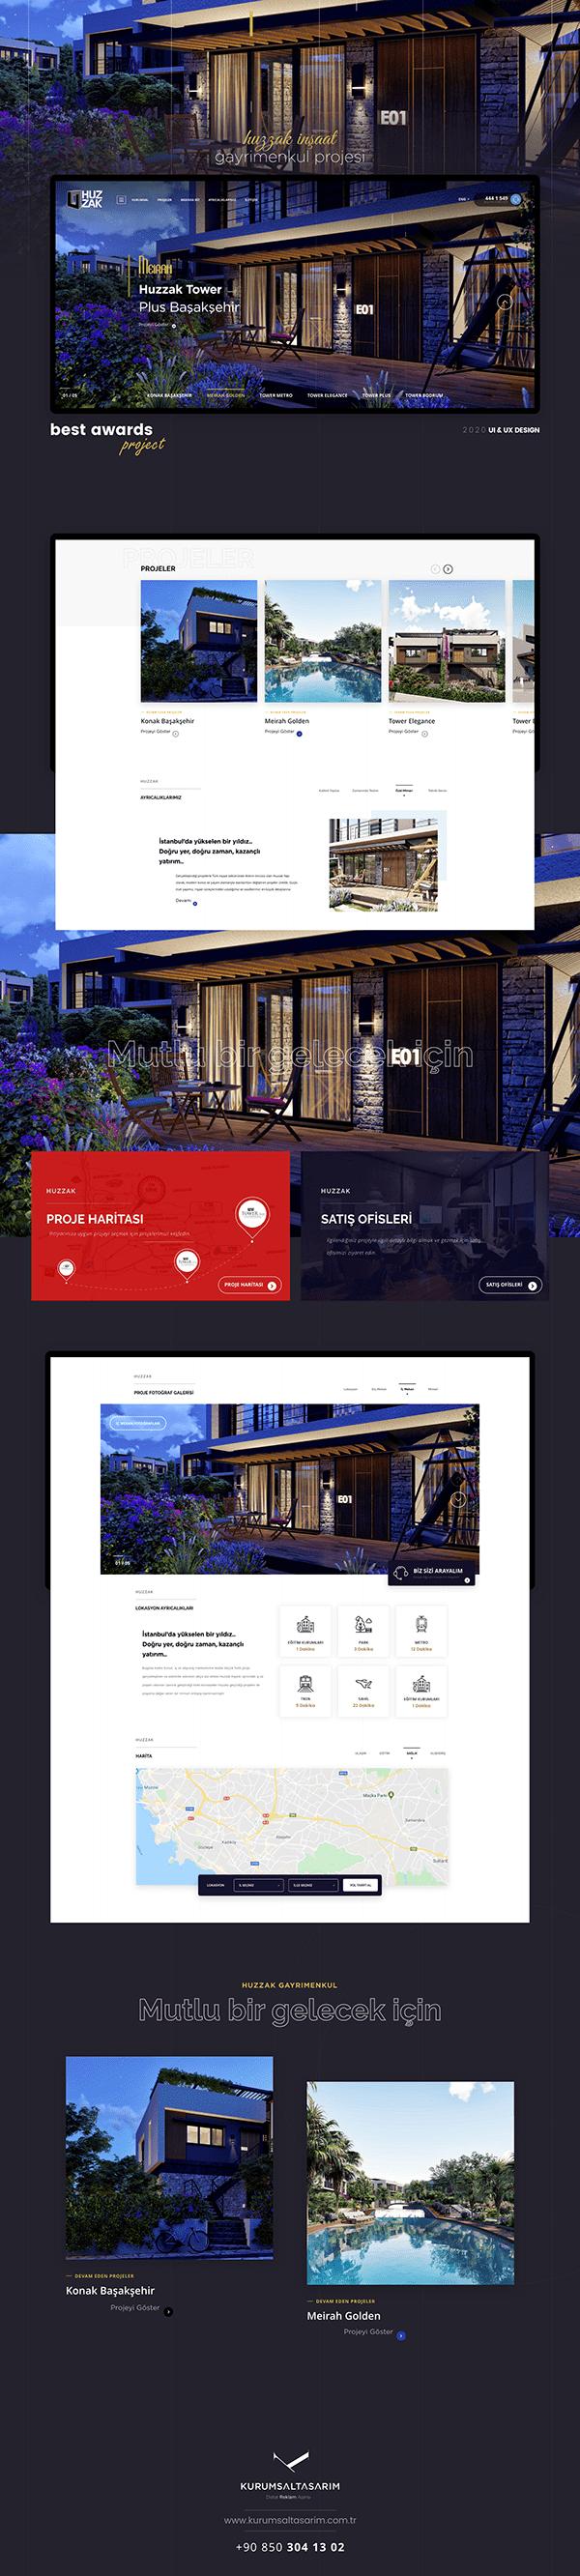 Huzzak Gayrimenkul Web Tasarım / UI Design